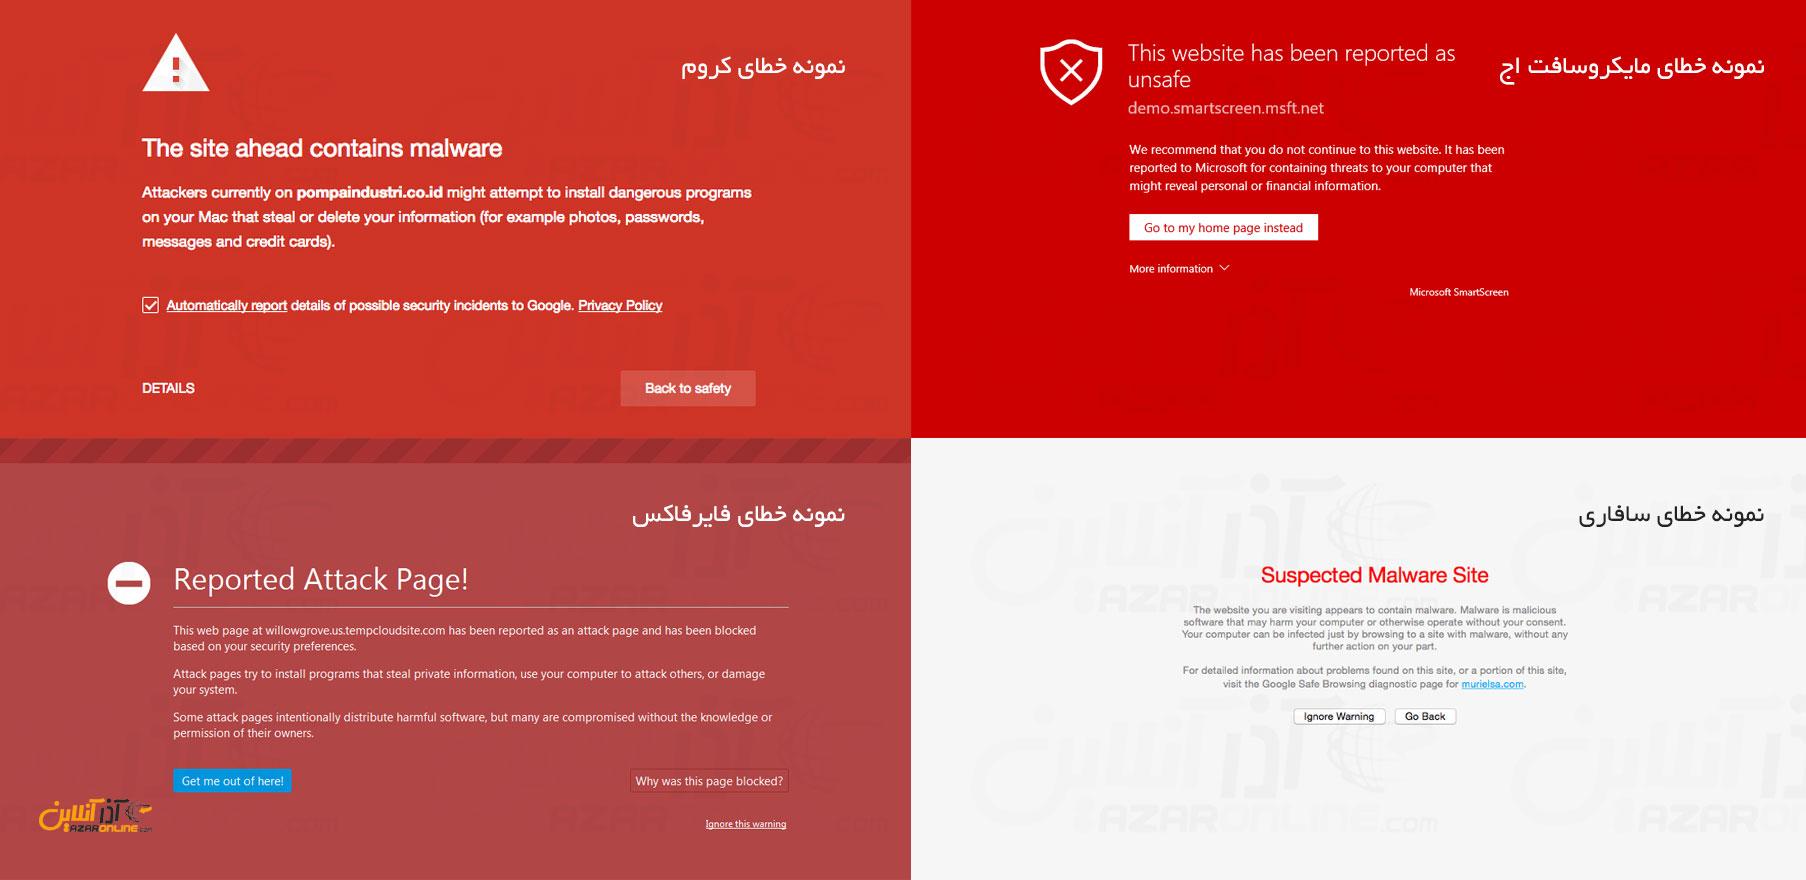 نمونه خطاهای report attack block رخ داده در مرورگرهای مختلف